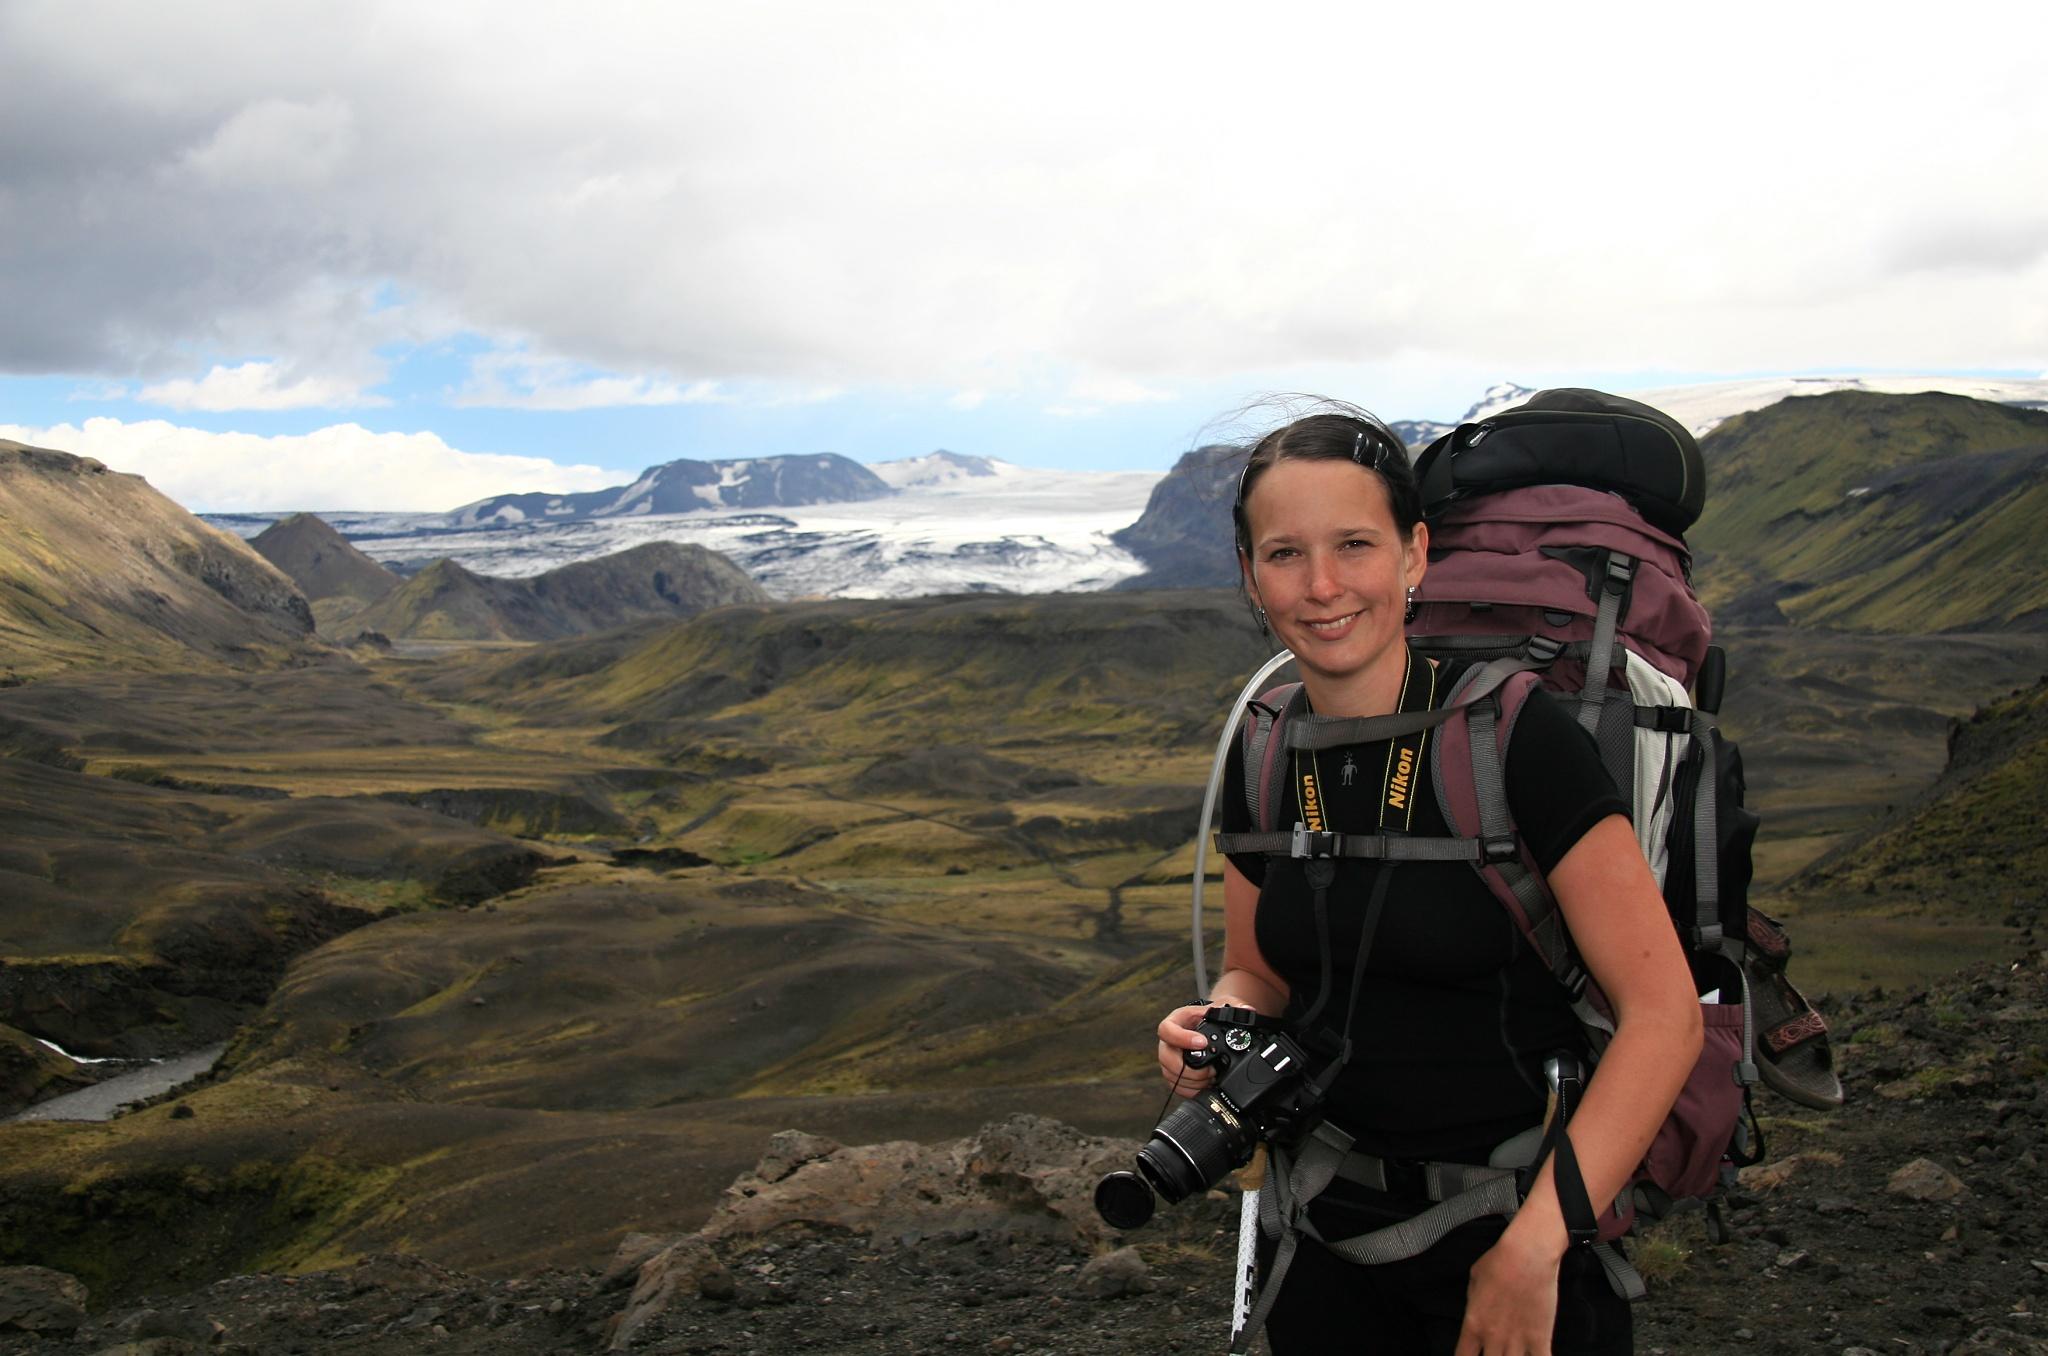 Údolí řeky Fremri Emstruá, na pozadí ledovec Eyjafjallajökull